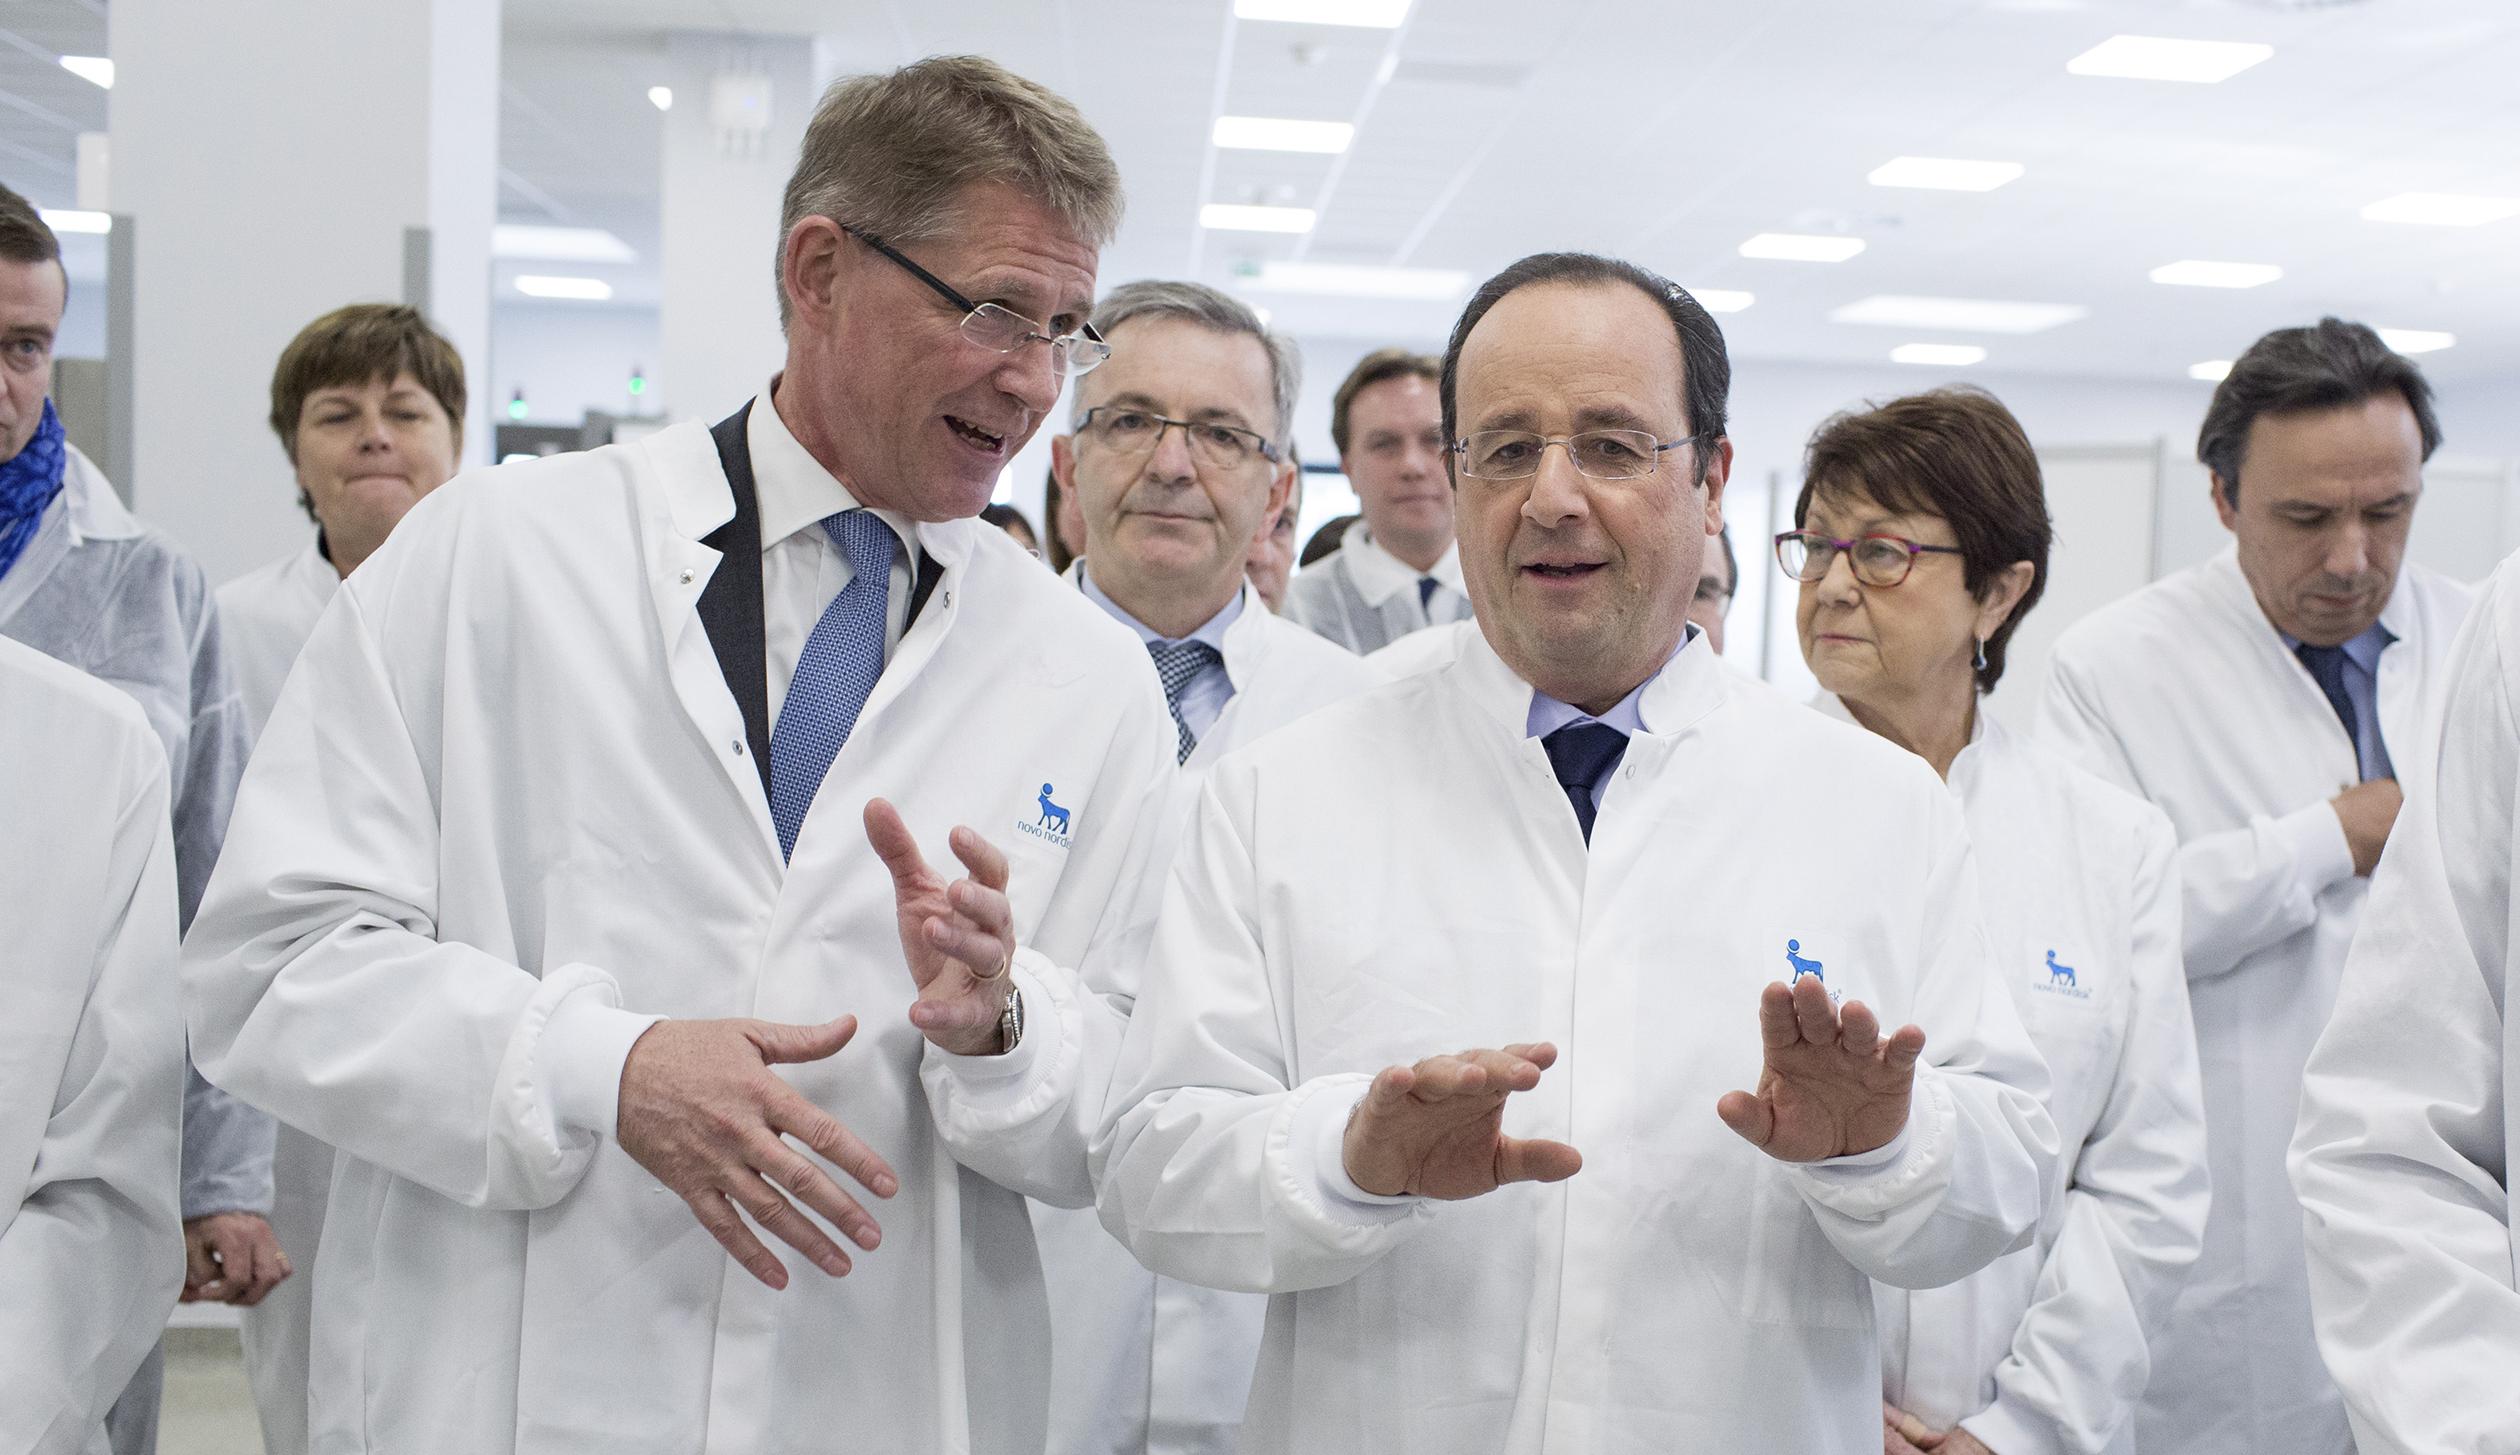 Deplacement du President de la Republique a Chartres, visite de l'unite de production d'insuline du groupe pharmaceutique danois Novo Nordisk